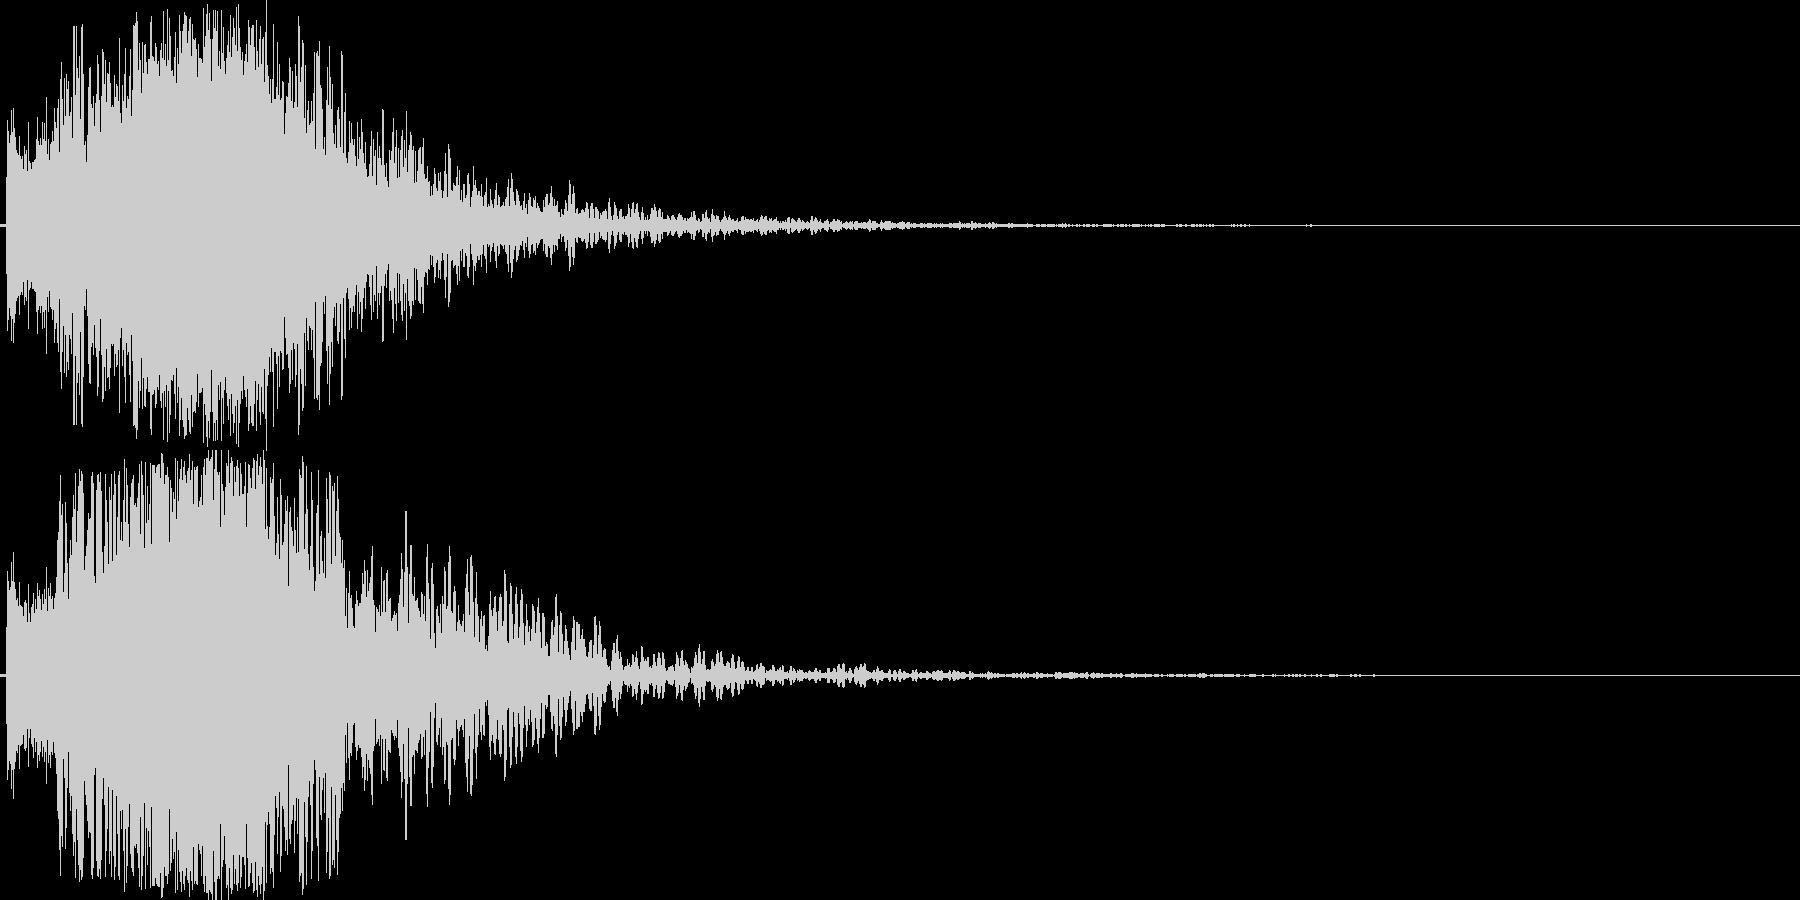 シャキーン(特大剣 ロゴ インパクト)5の未再生の波形